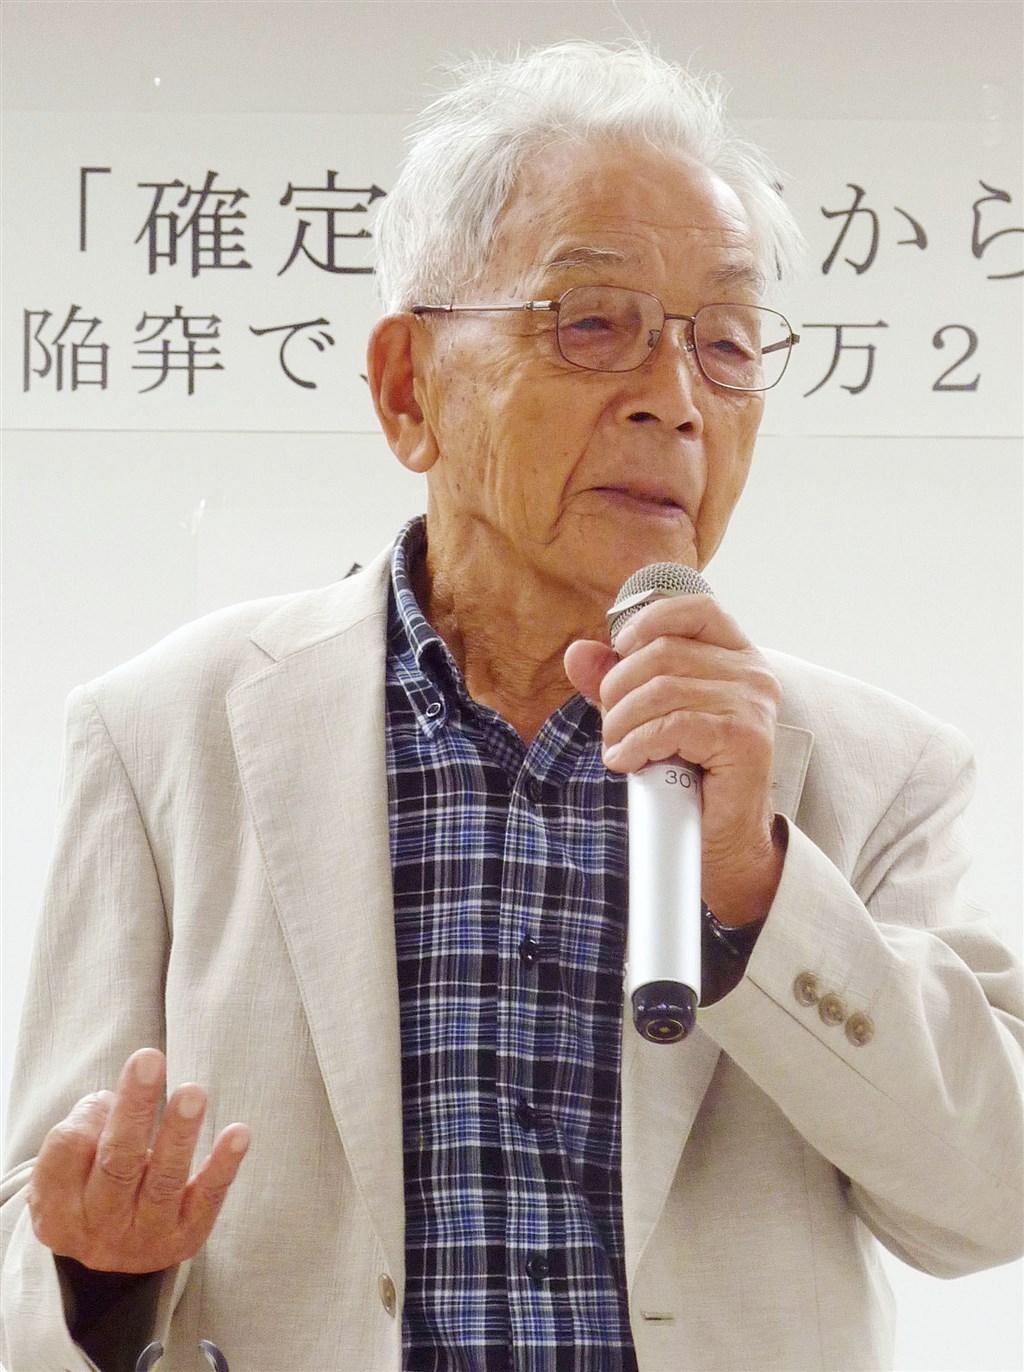 免田榮為日本史上首名獲法院再審改判無罪的死囚,獲釋後他致力預防冤罪發生及廢除死刑等活動,5日因衰老去世,享耆壽95歲。圖為免田榮2013年在演講活動中分享自身經驗。(共同社)